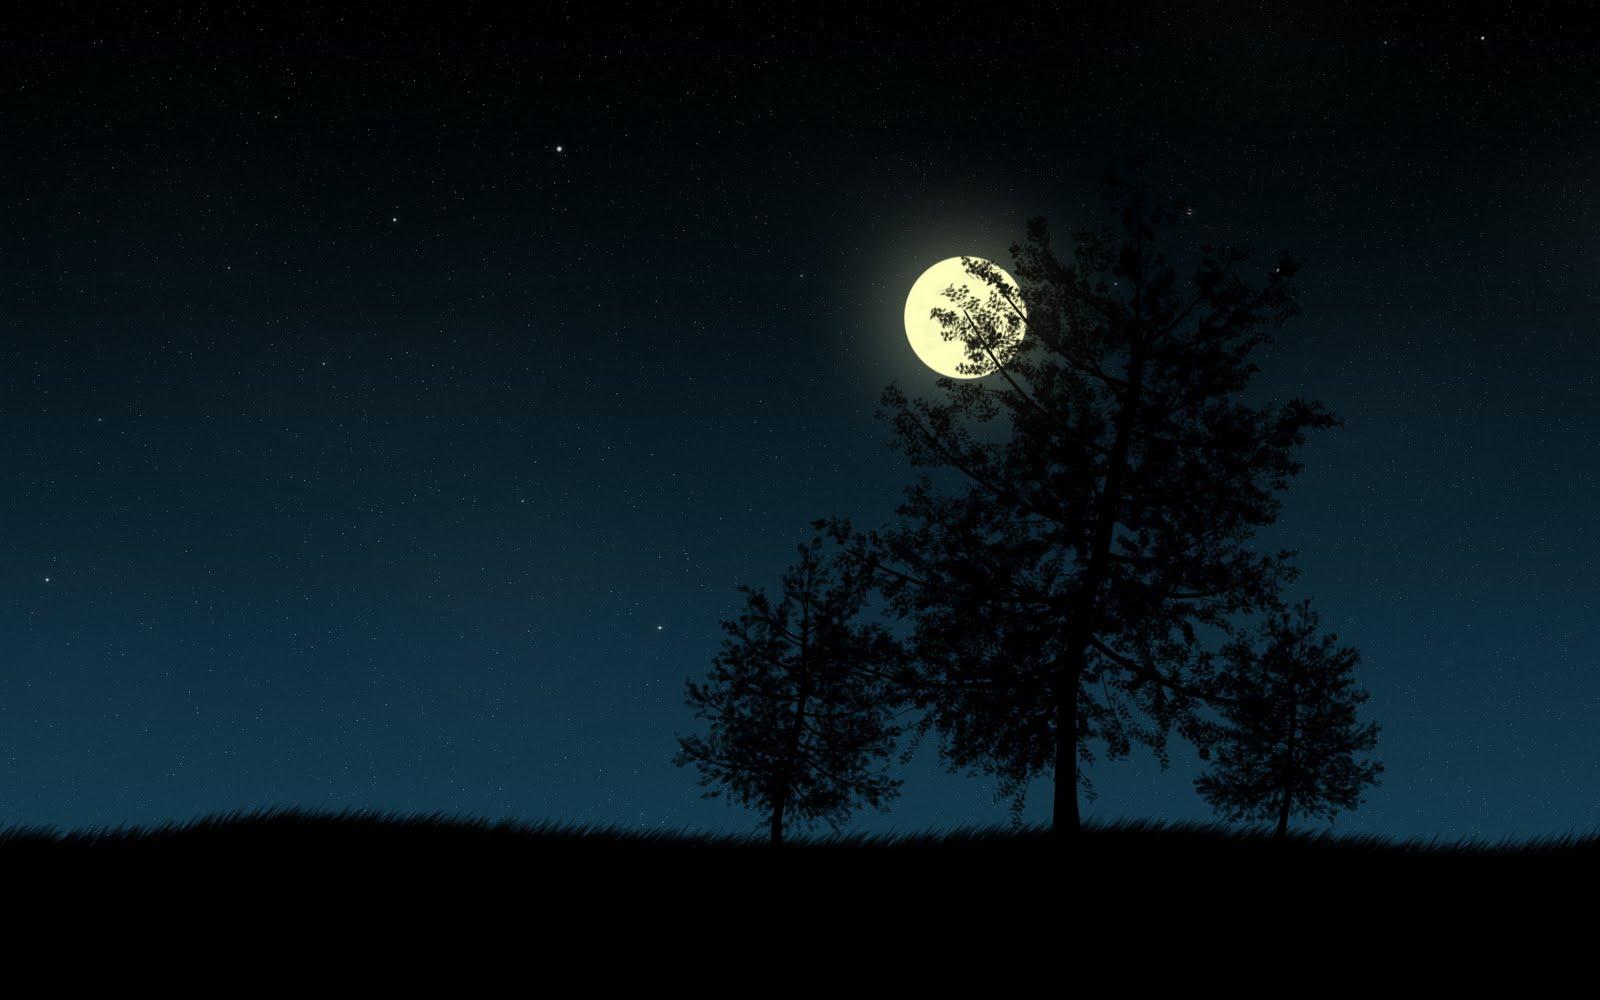 Sfondi Hd Gratis La Notte Sfondi Hd Gratis